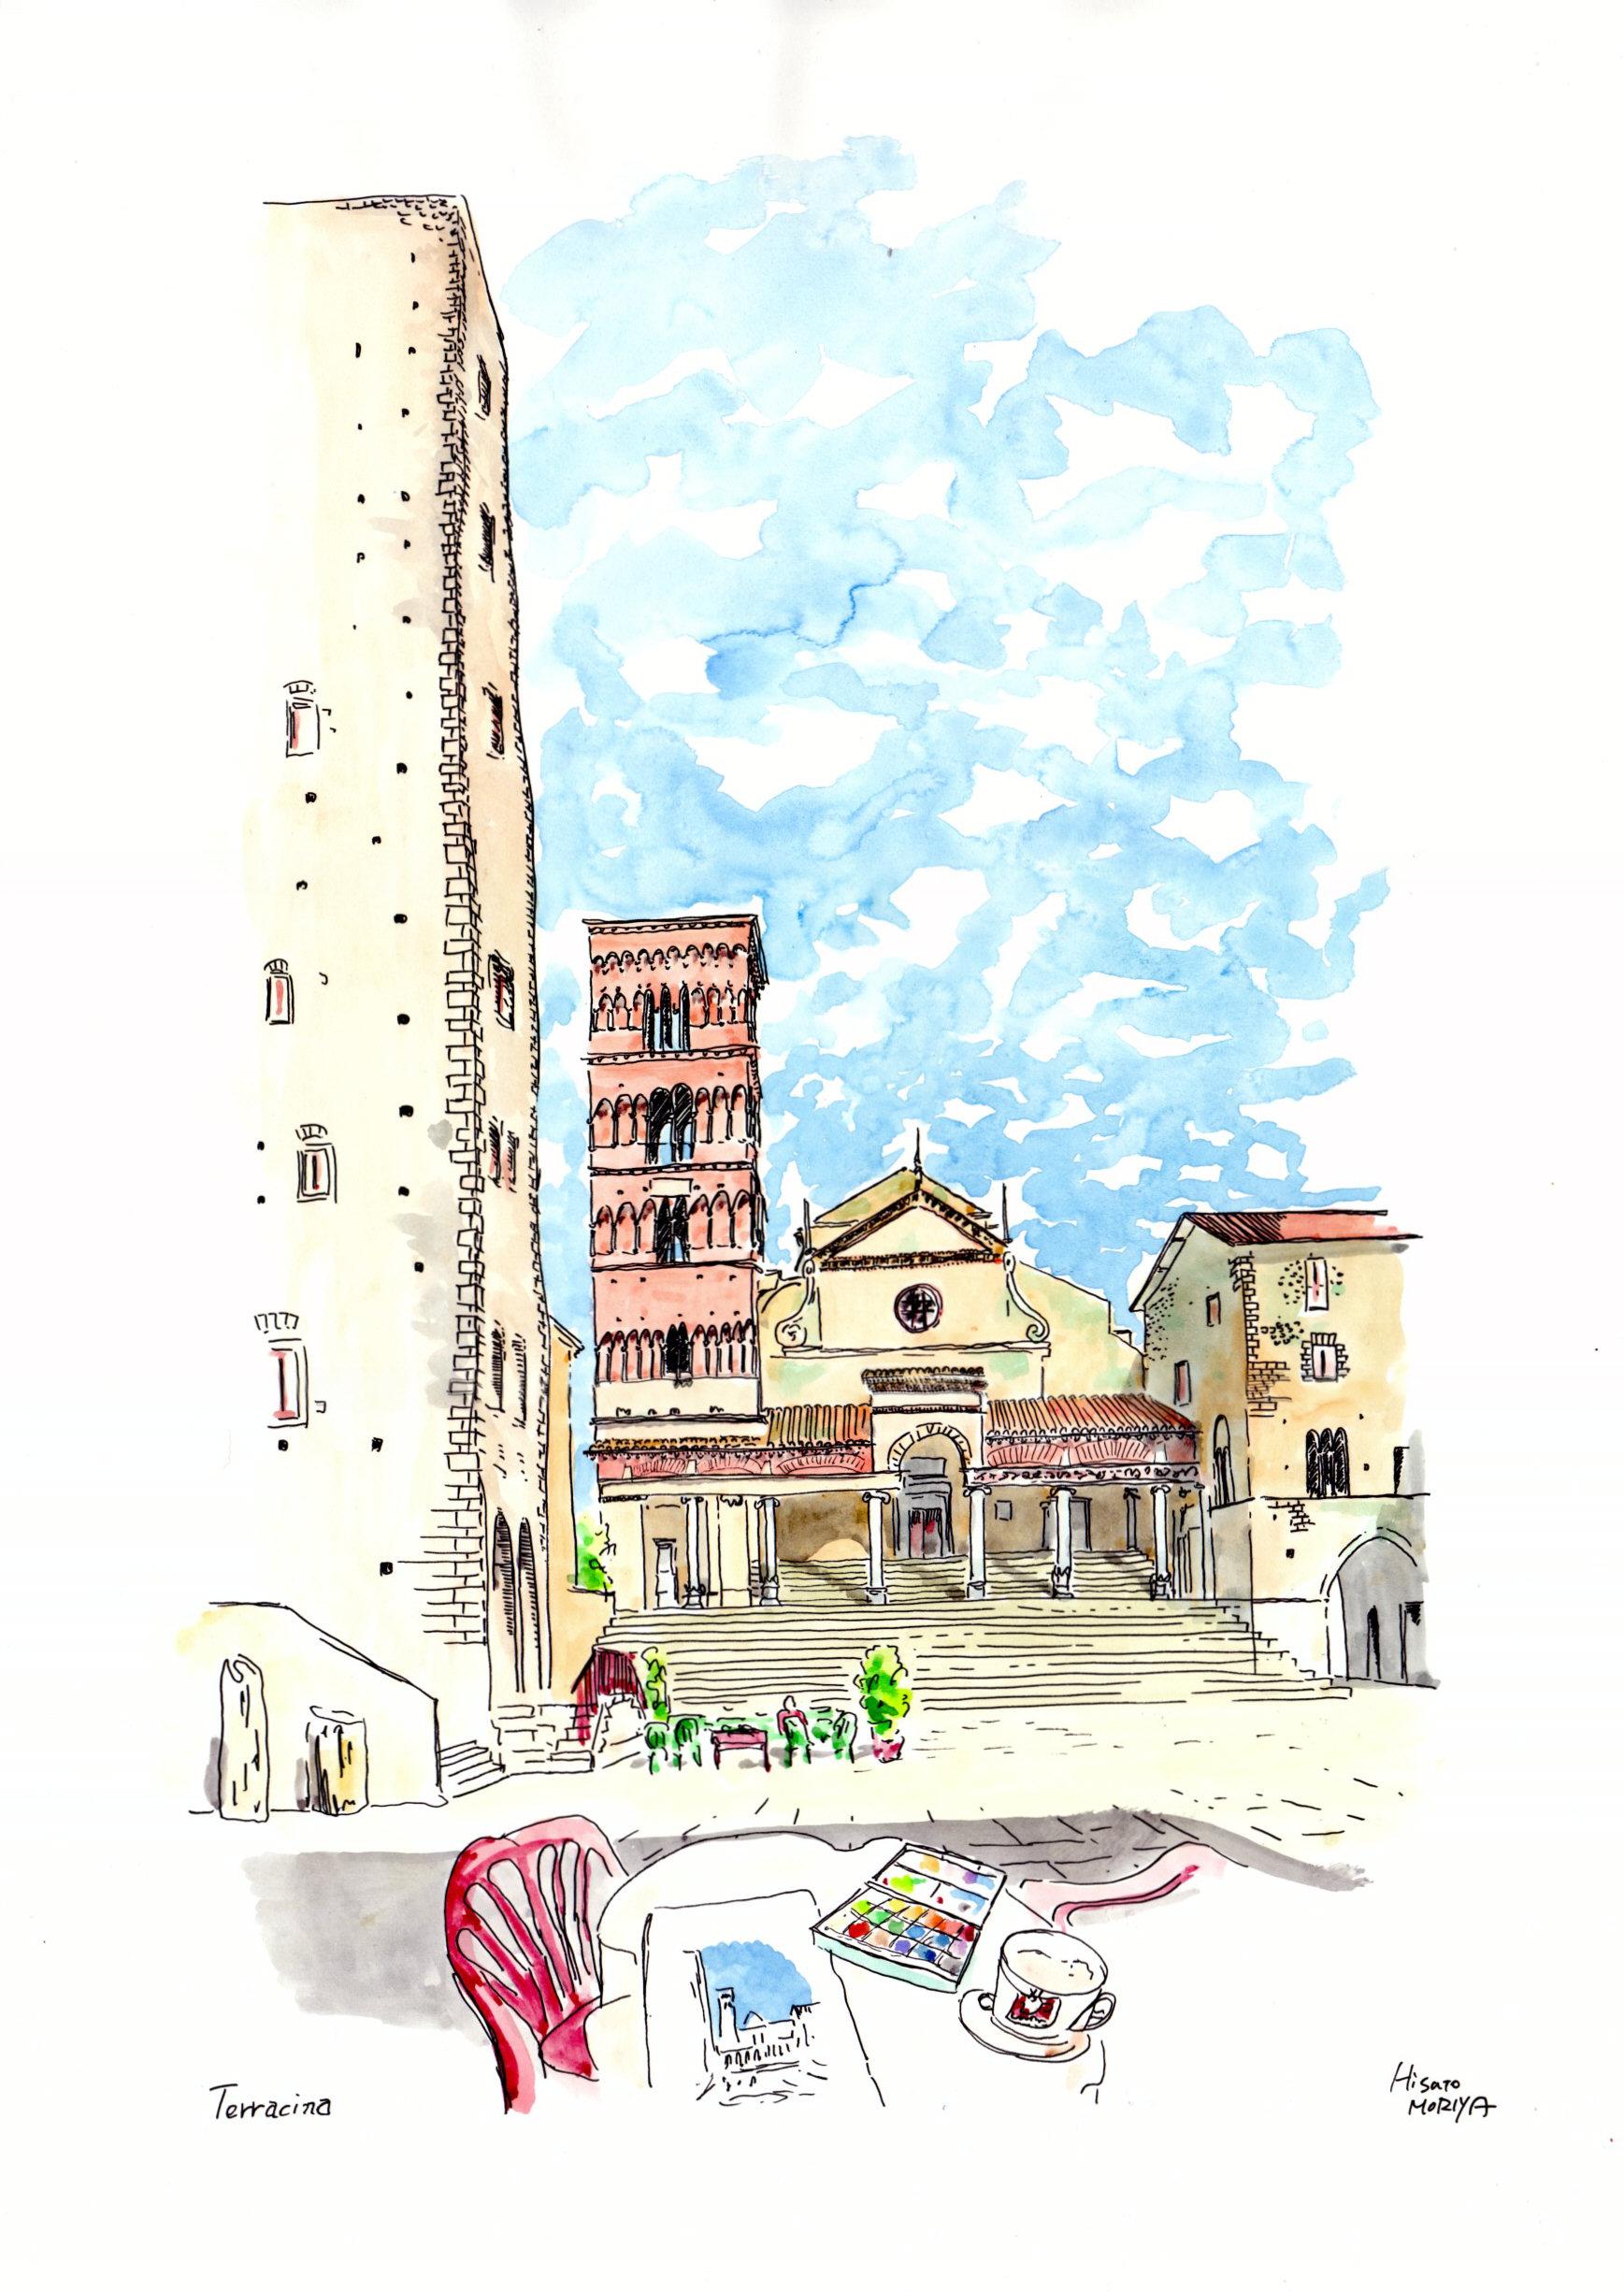 【大人のぬり絵 無料】バーチャル旅行 イタリア・テッラチーナの街角